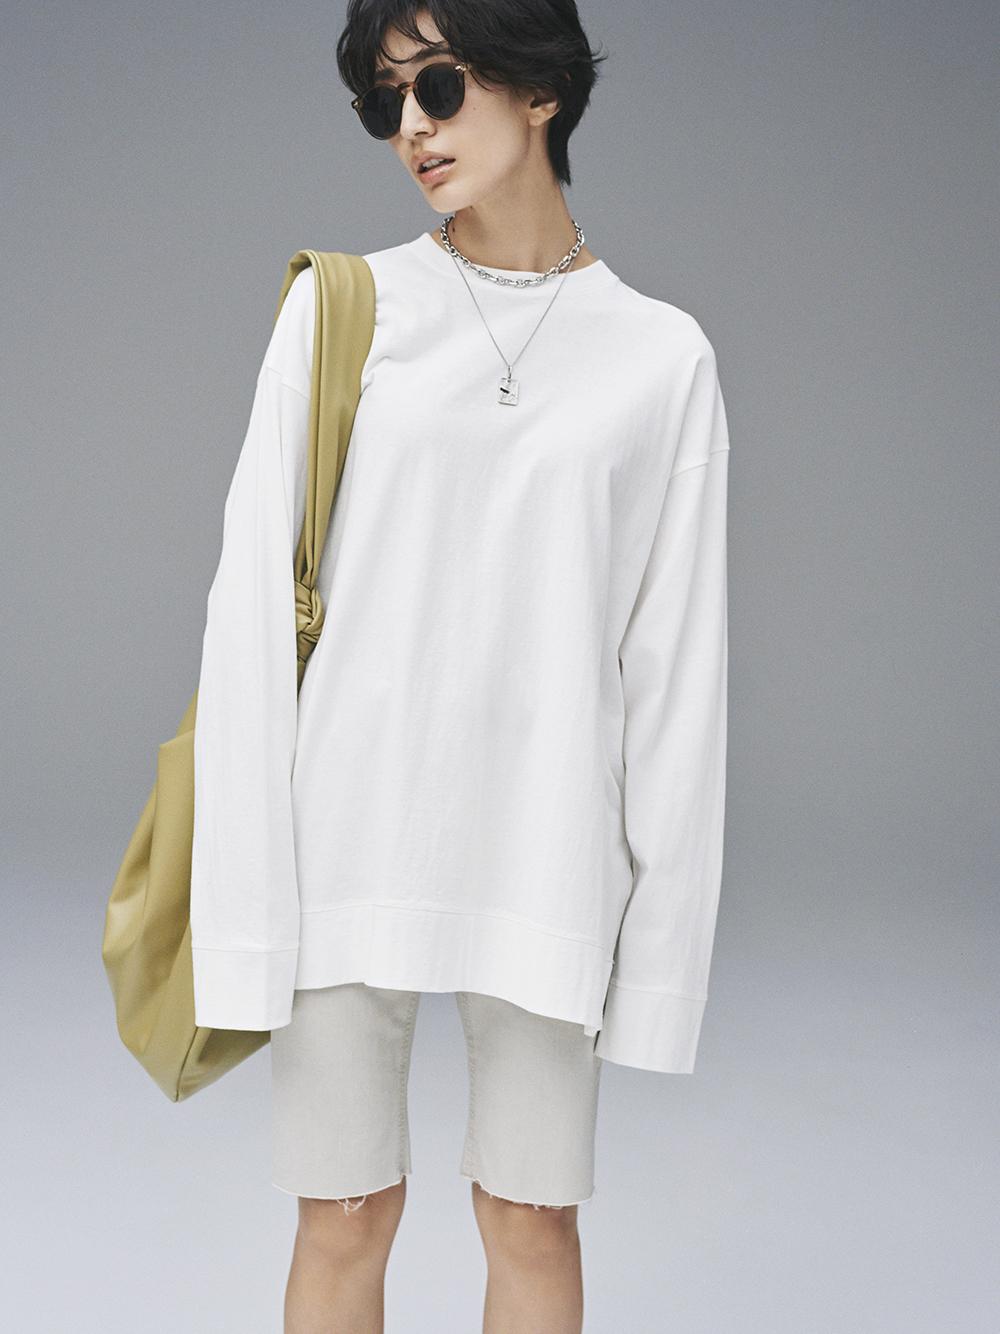 裾切替サイドスリットロングTシャツ(WHT-F)